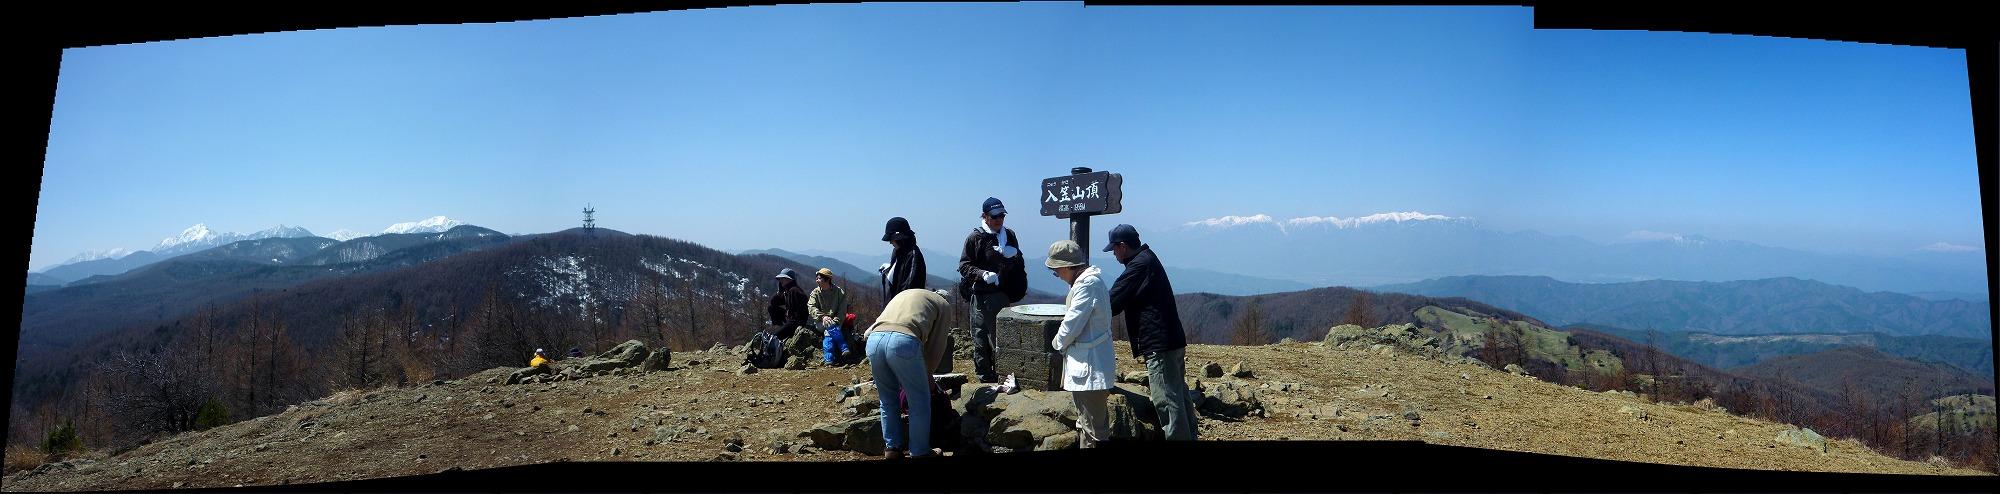 入笠山 - 山頂パノラマ